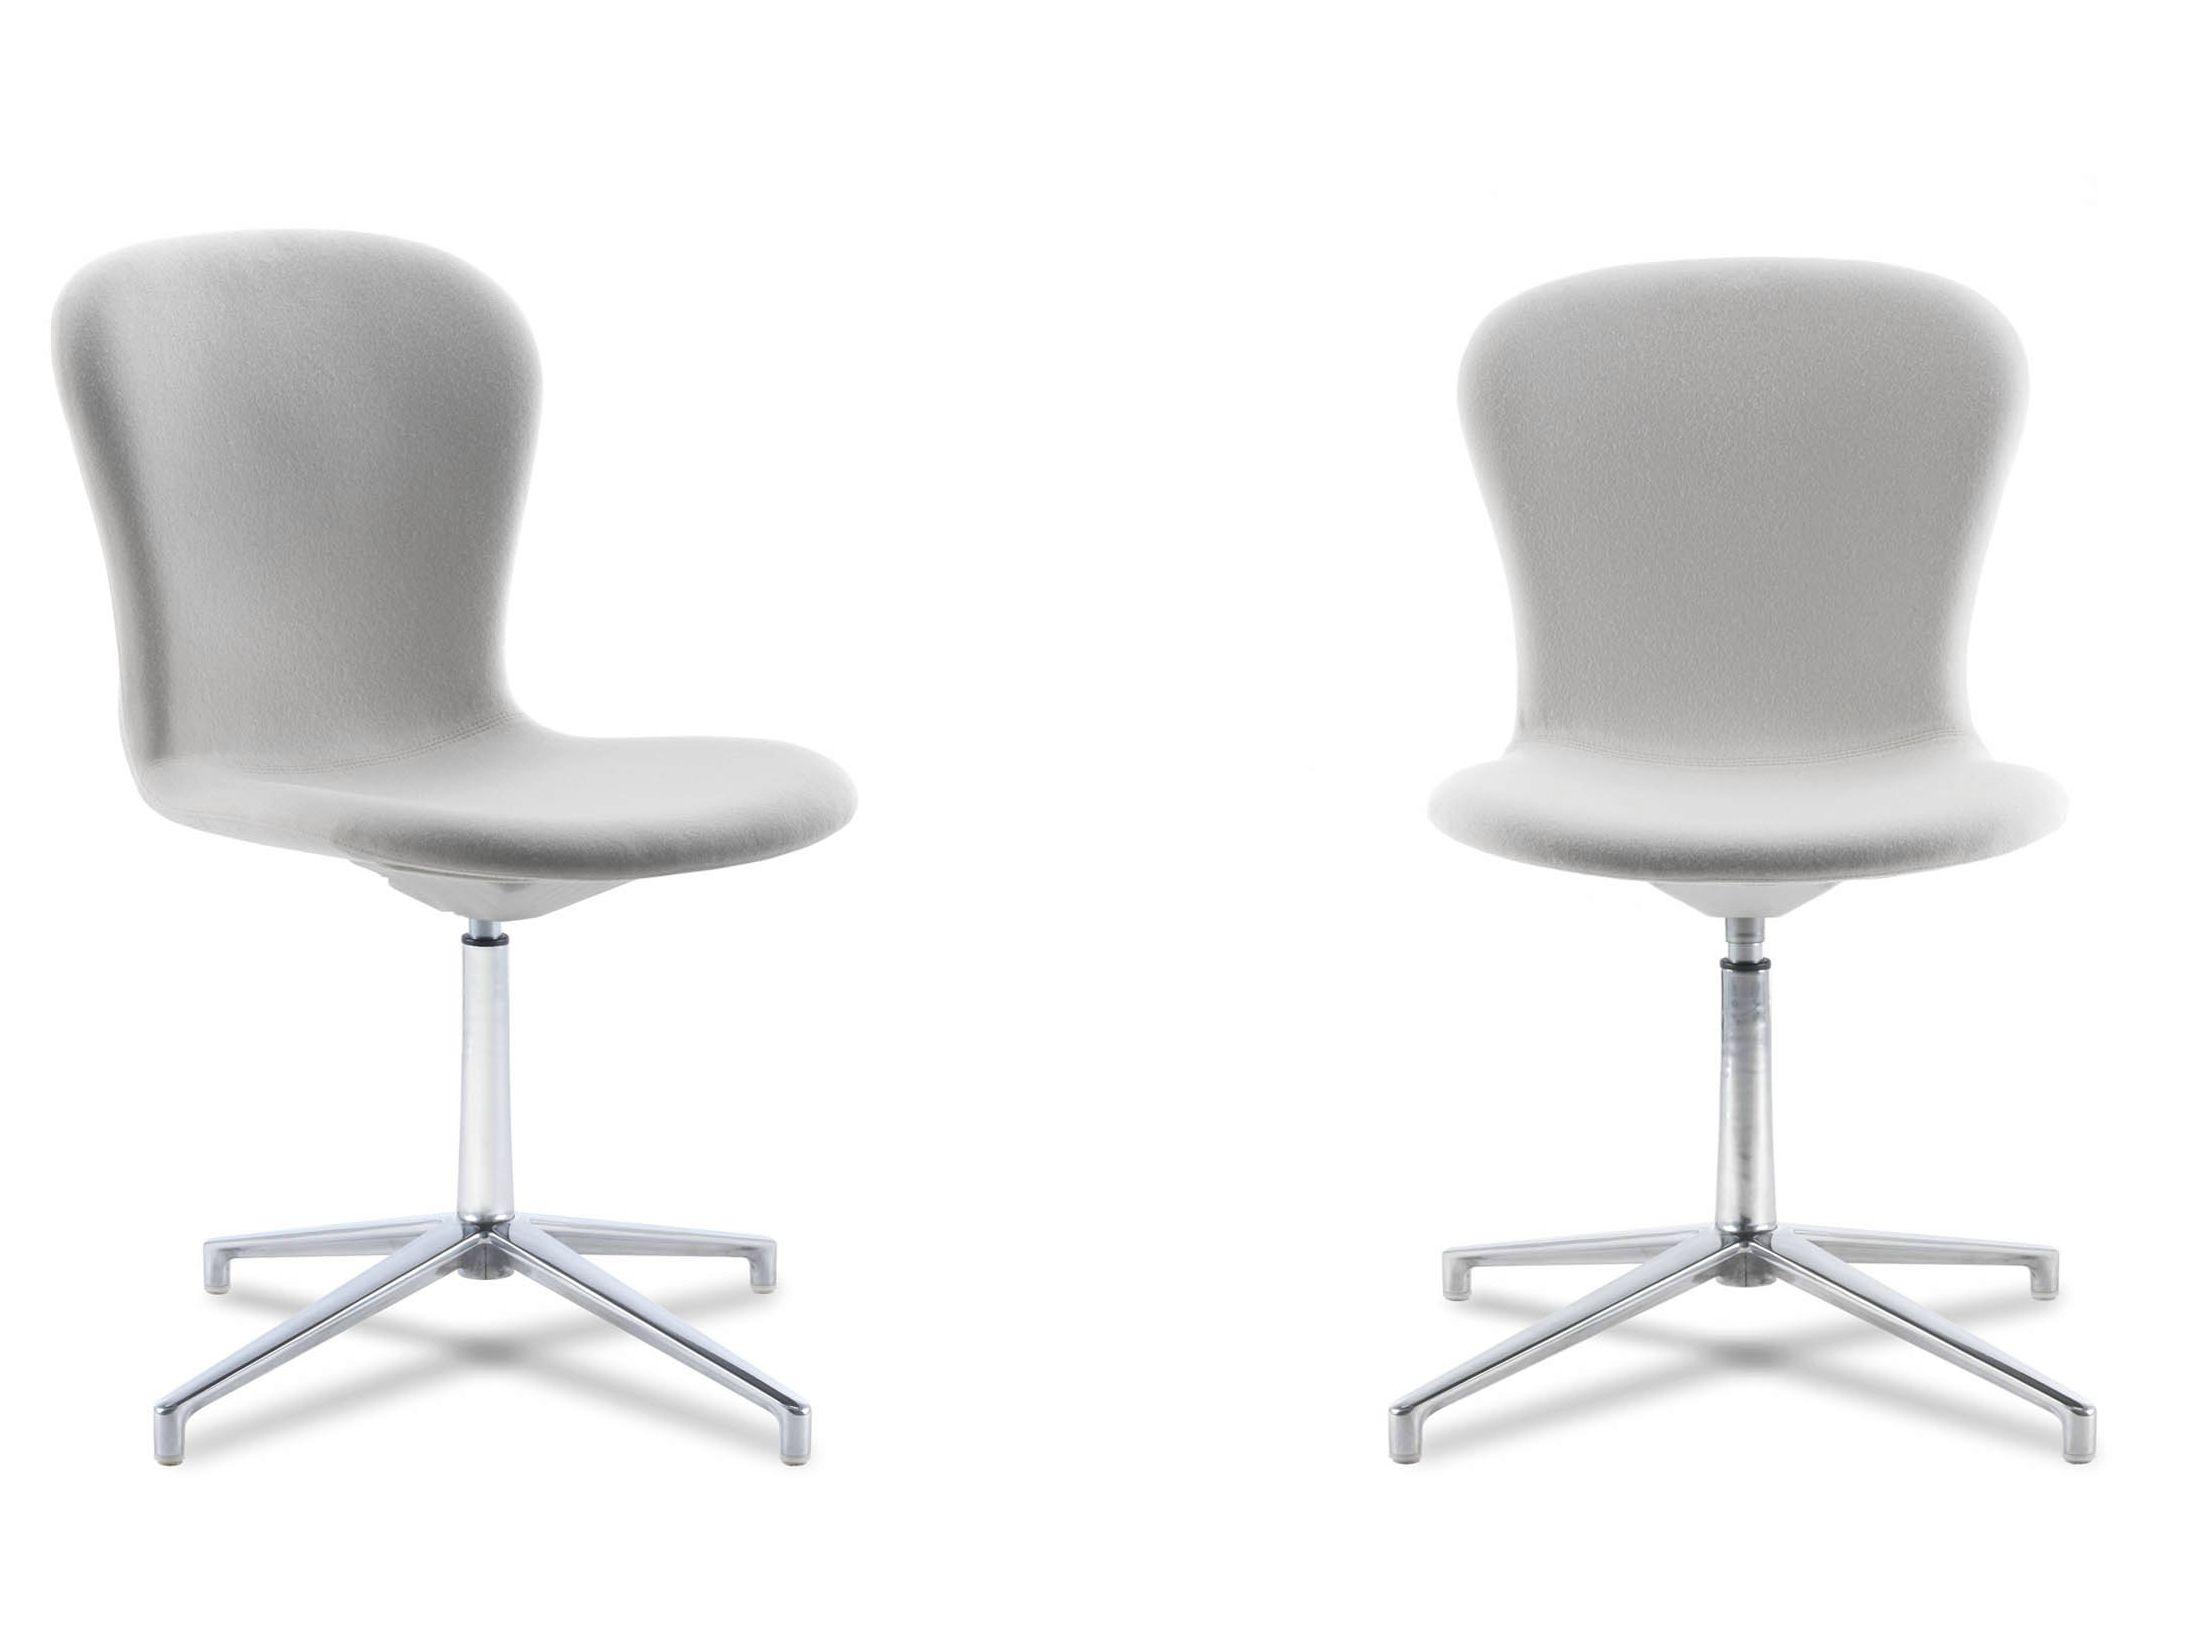 Clio chaise 4 branches by true design design r s true design for Chaise pivotante